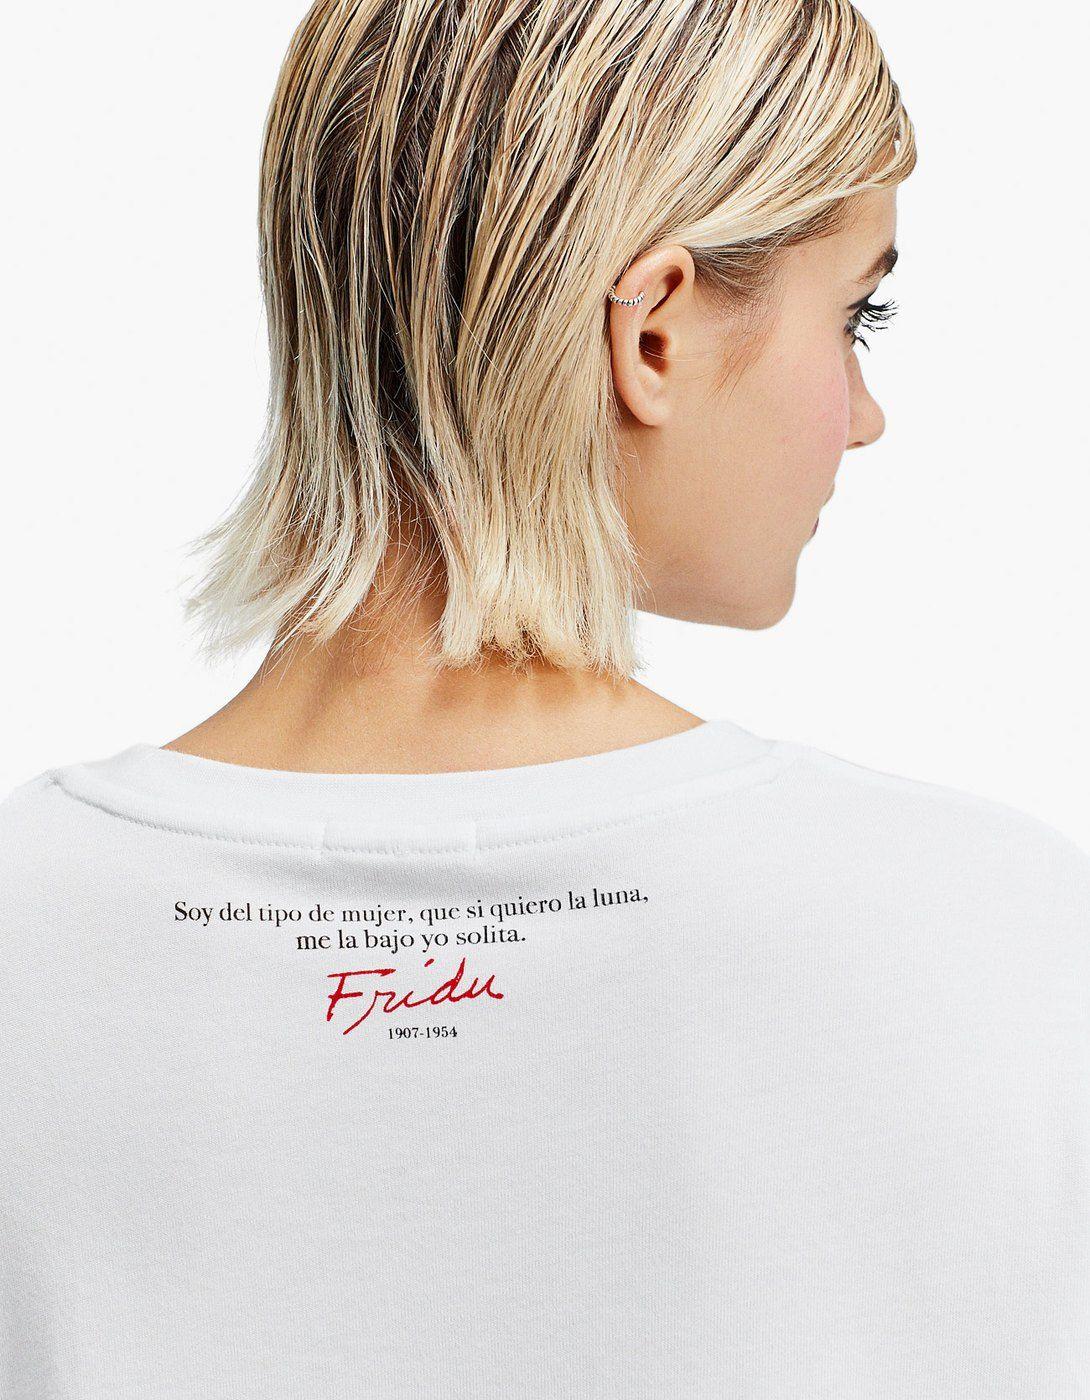 Llega Camisetas Kahlo Stradivarius De Frida A Saca 0yOvmN8nw